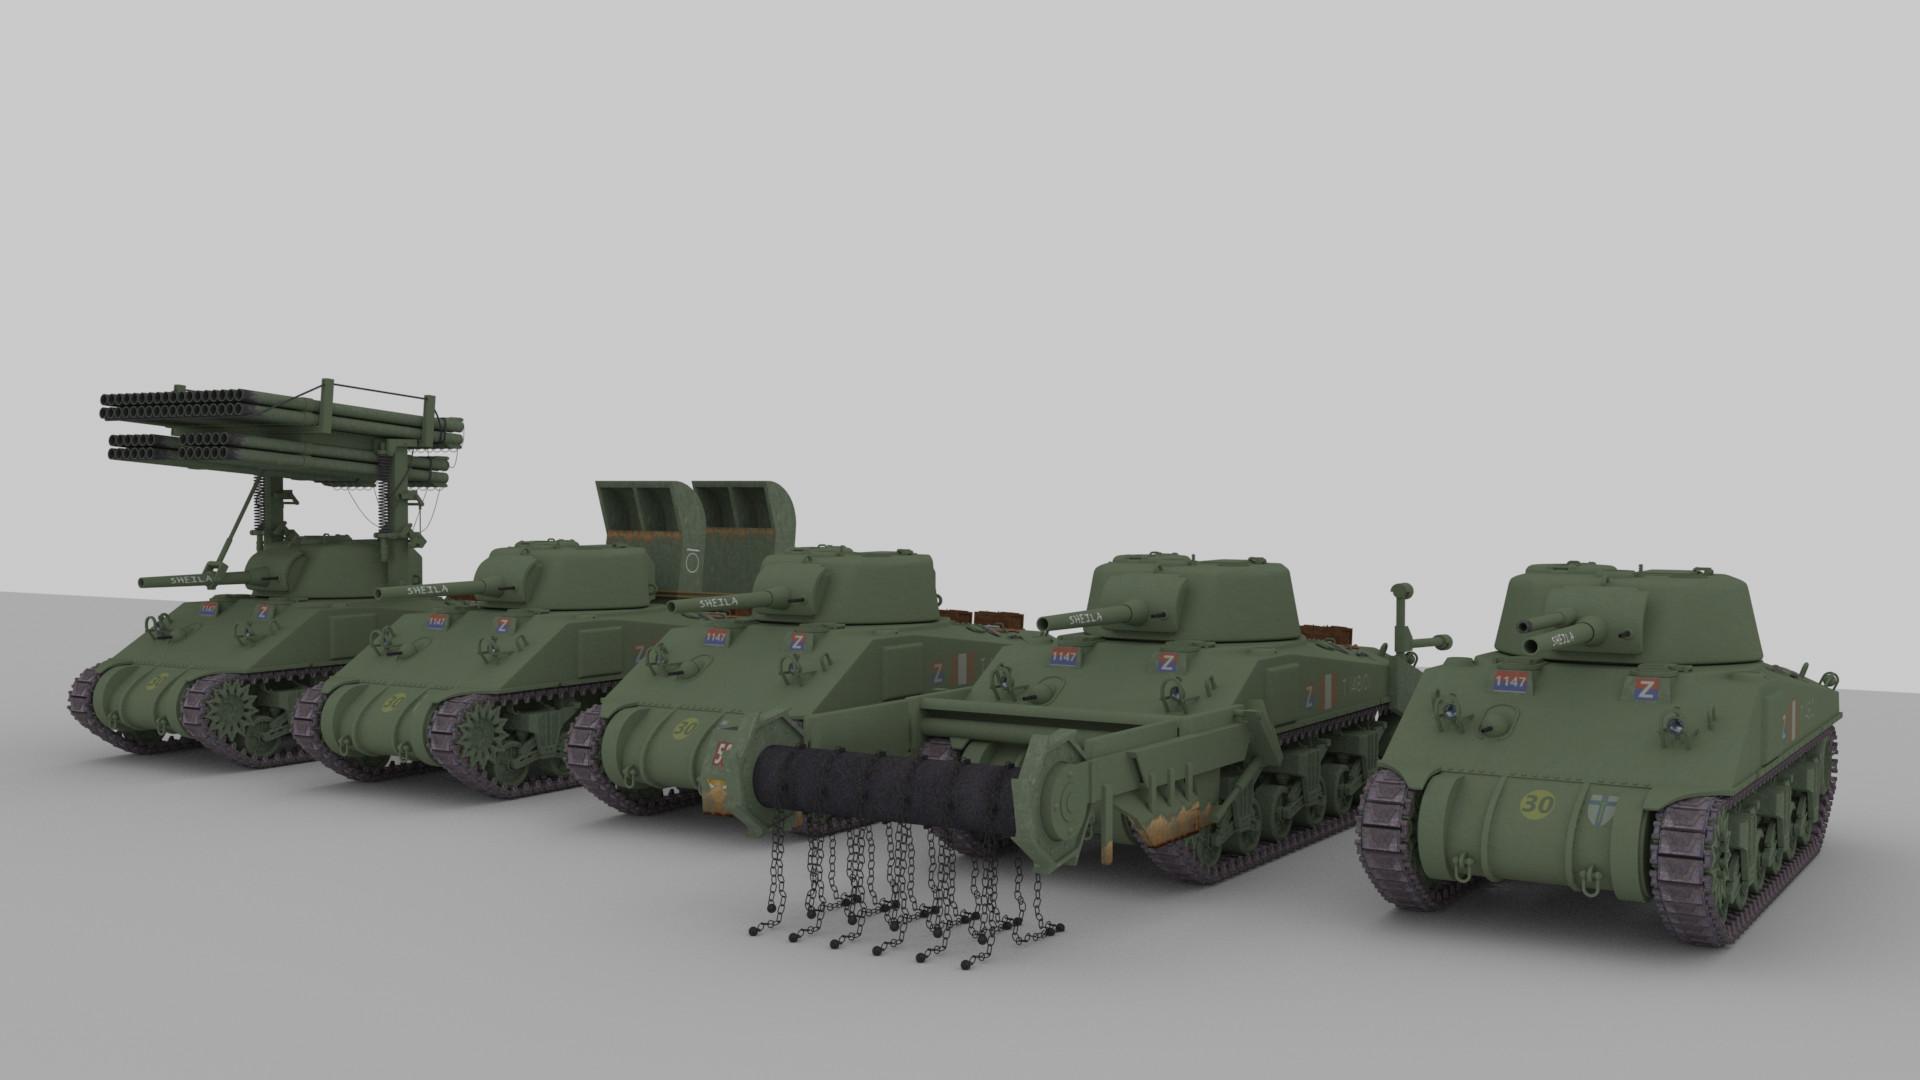 ArtStation - M4 Sherman Tank Variants, Alex Campbell